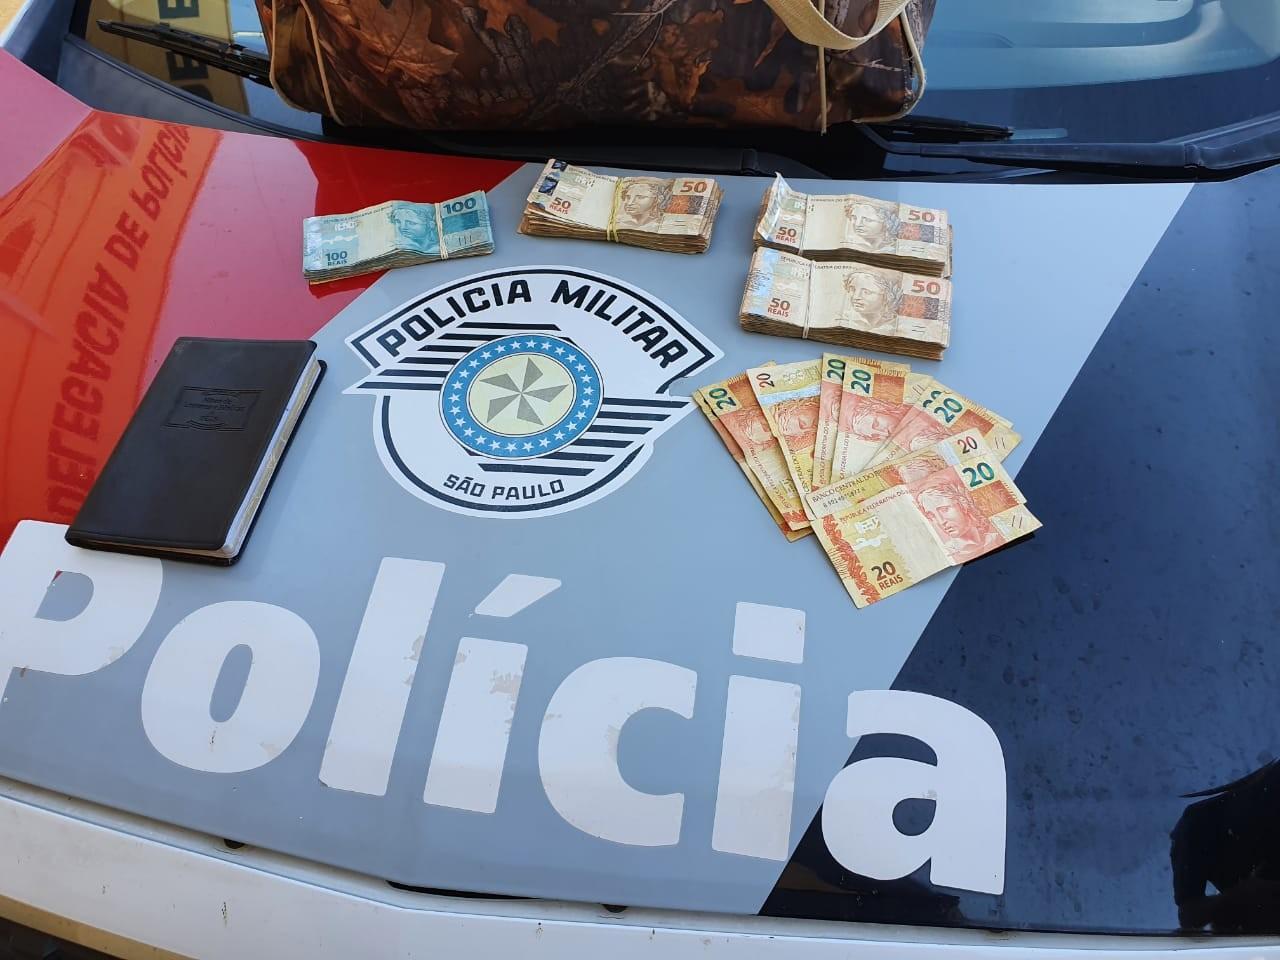 Durante fuga, homem é flagrado com quase R$ 20 mil em táxi e termina preso por estelionato